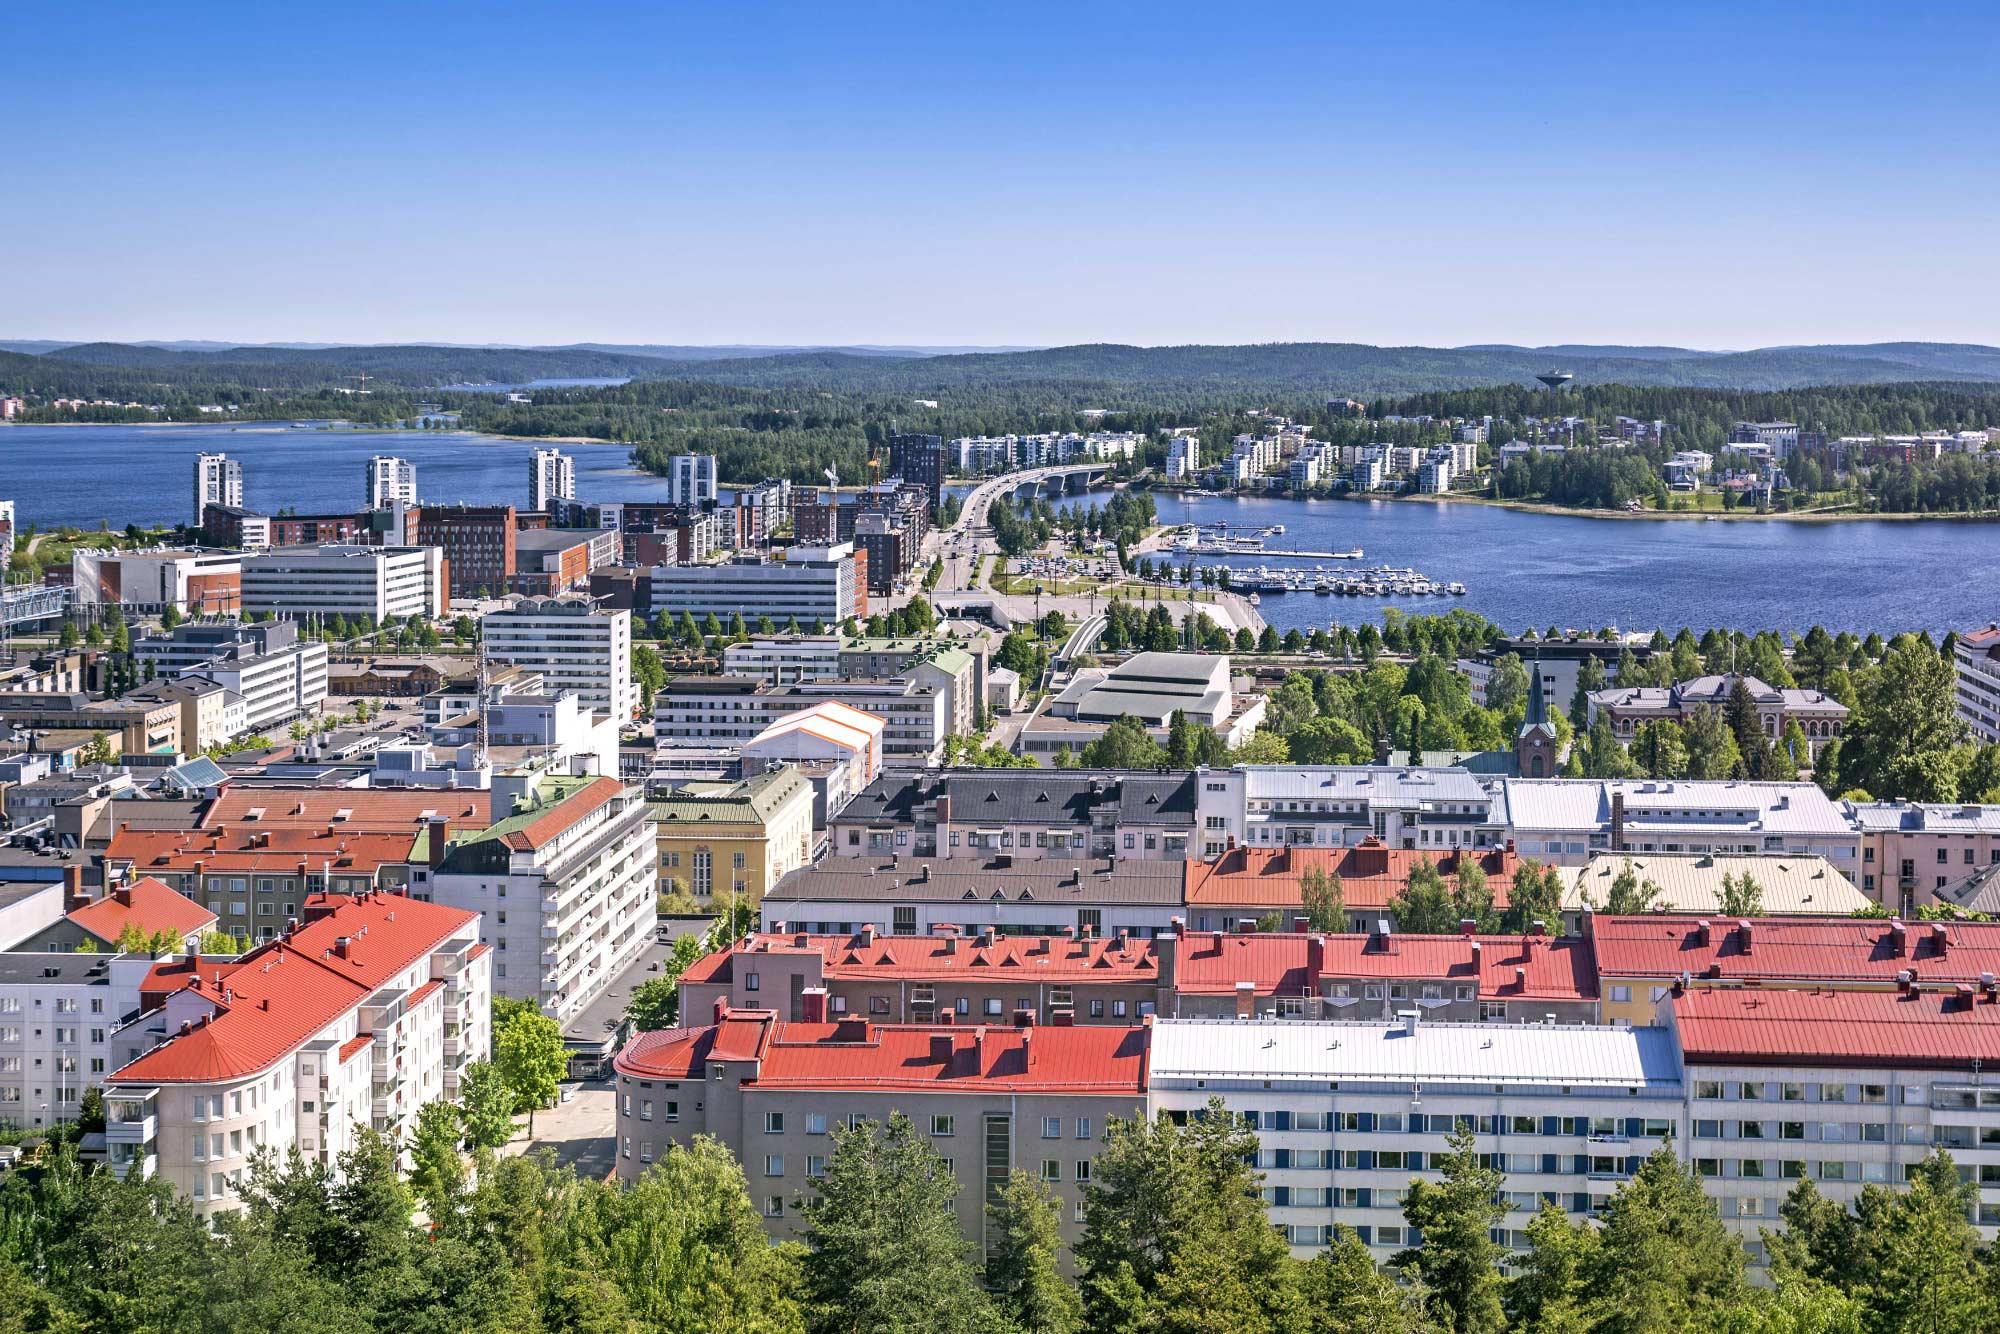 Sisä-Suomen Asuntokeskus